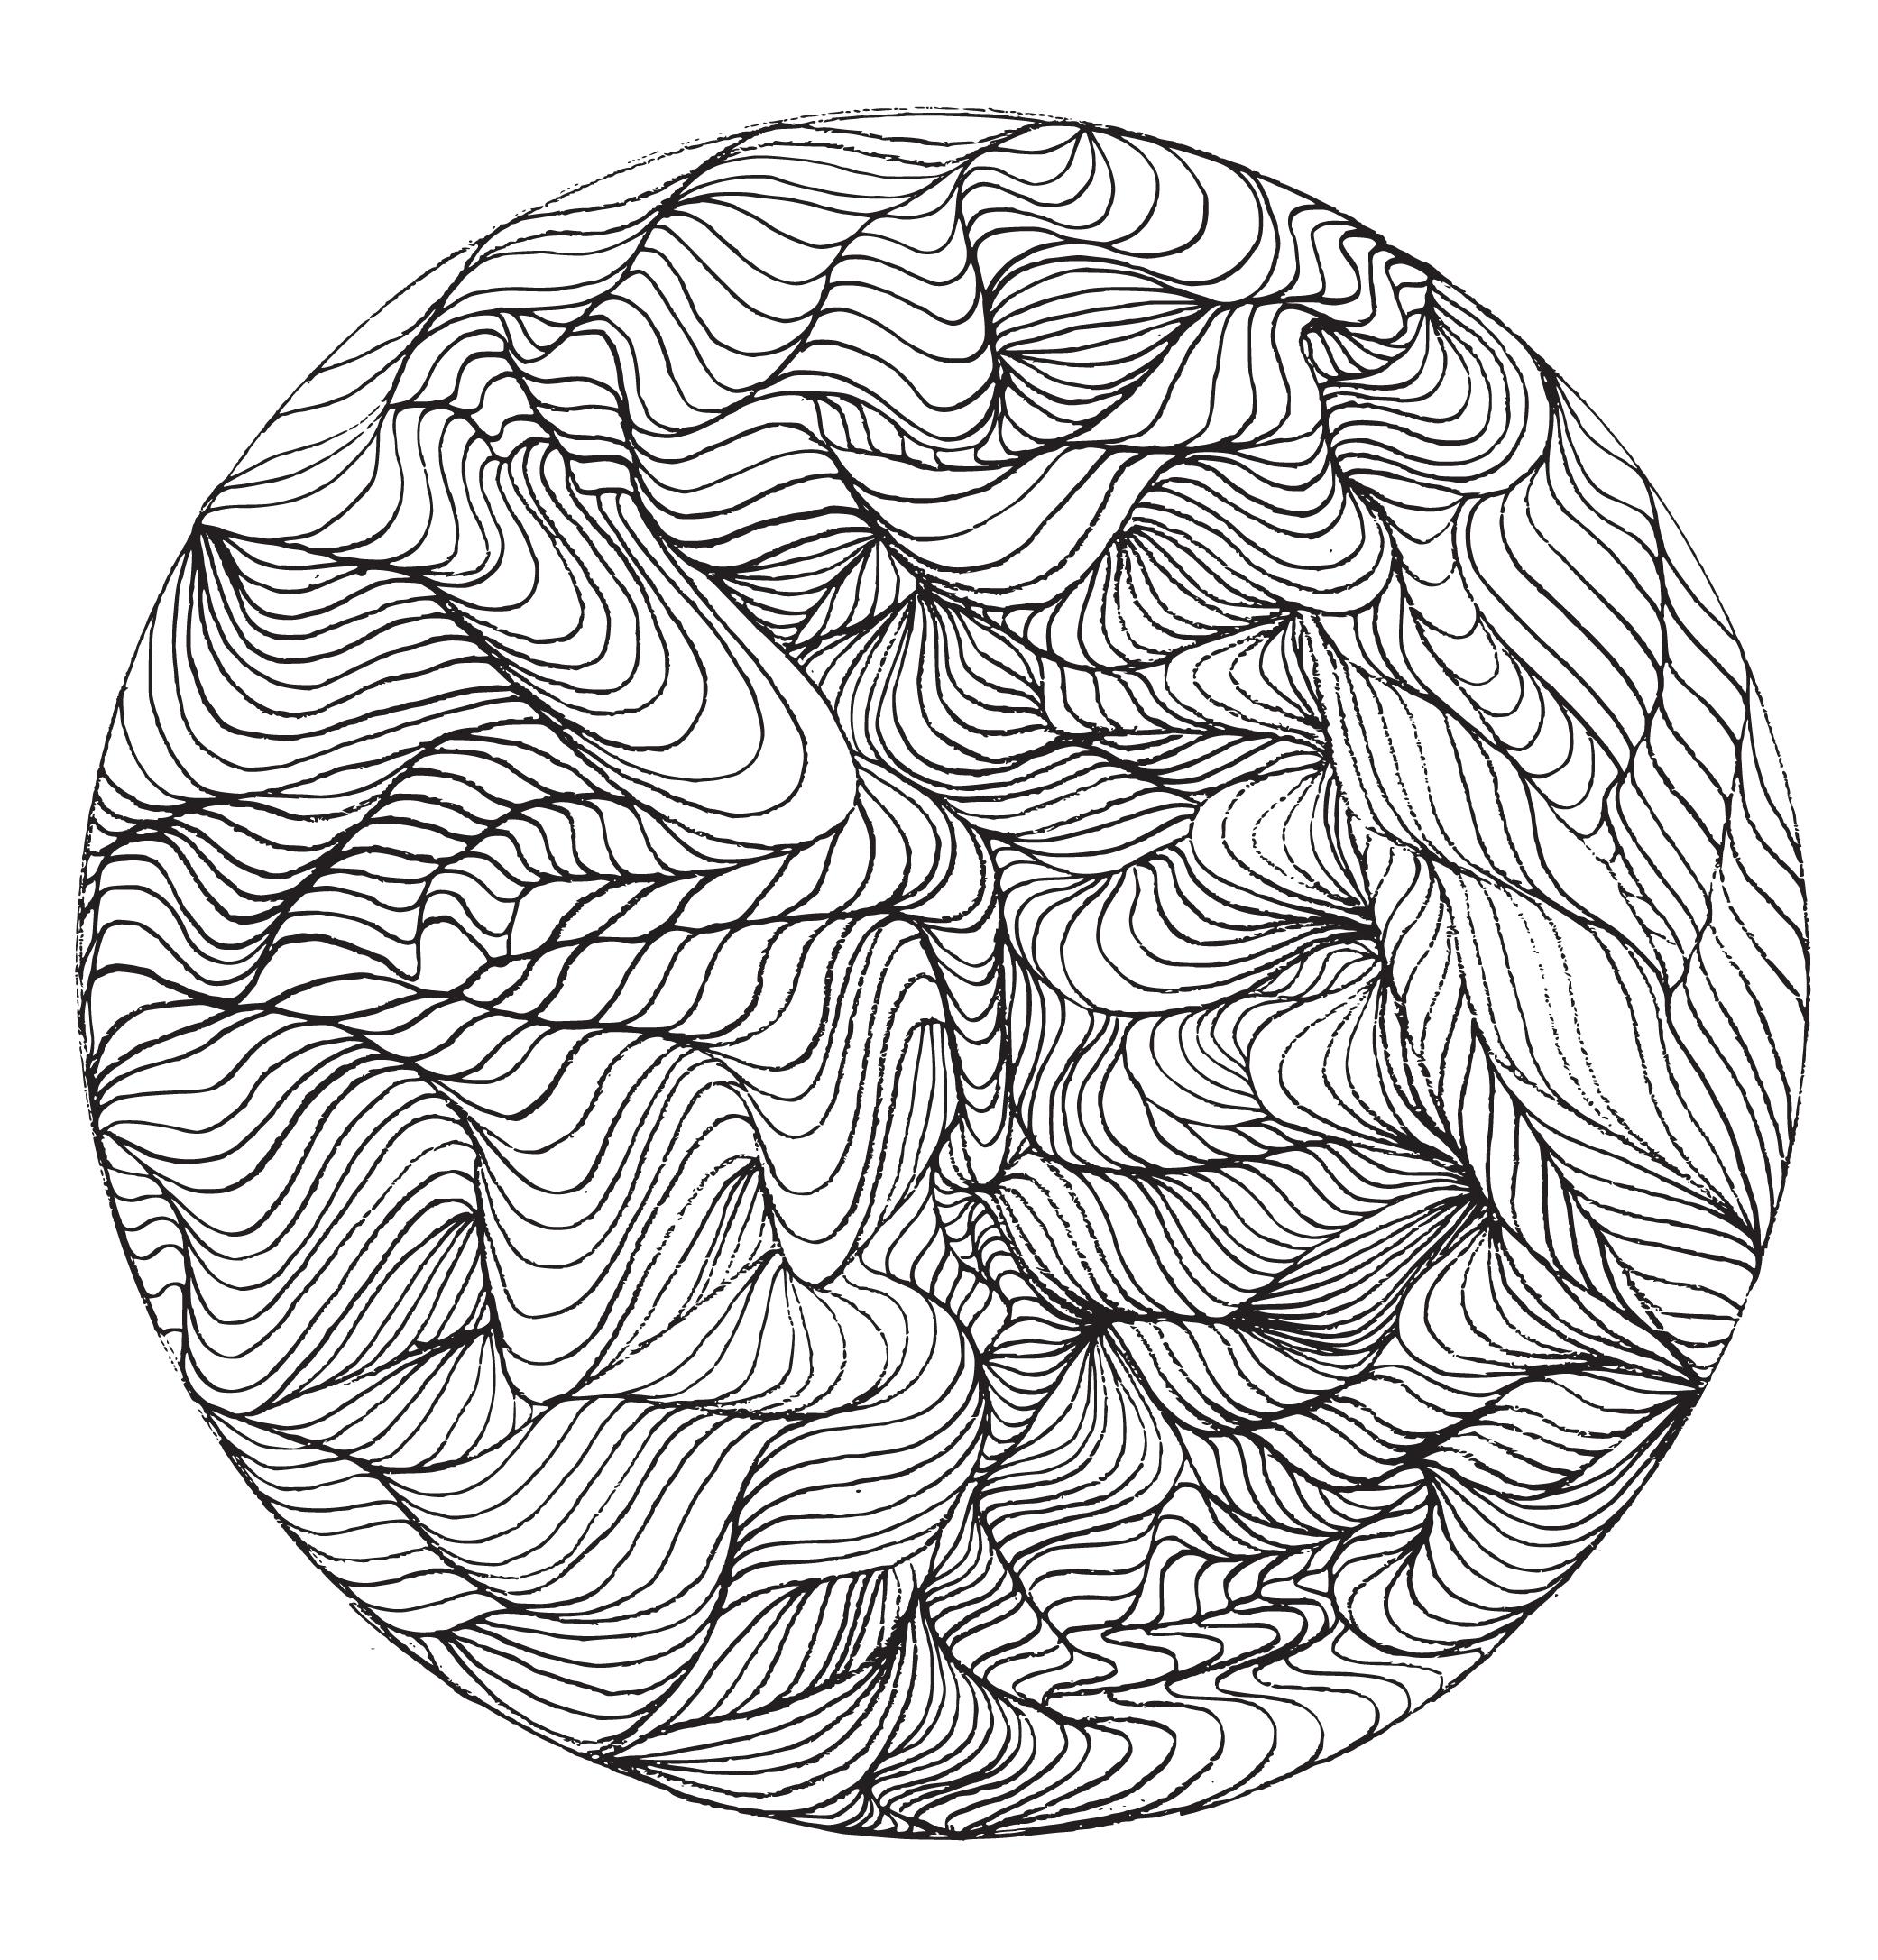 tmacstudio_doodle 16 edit copy.jpg